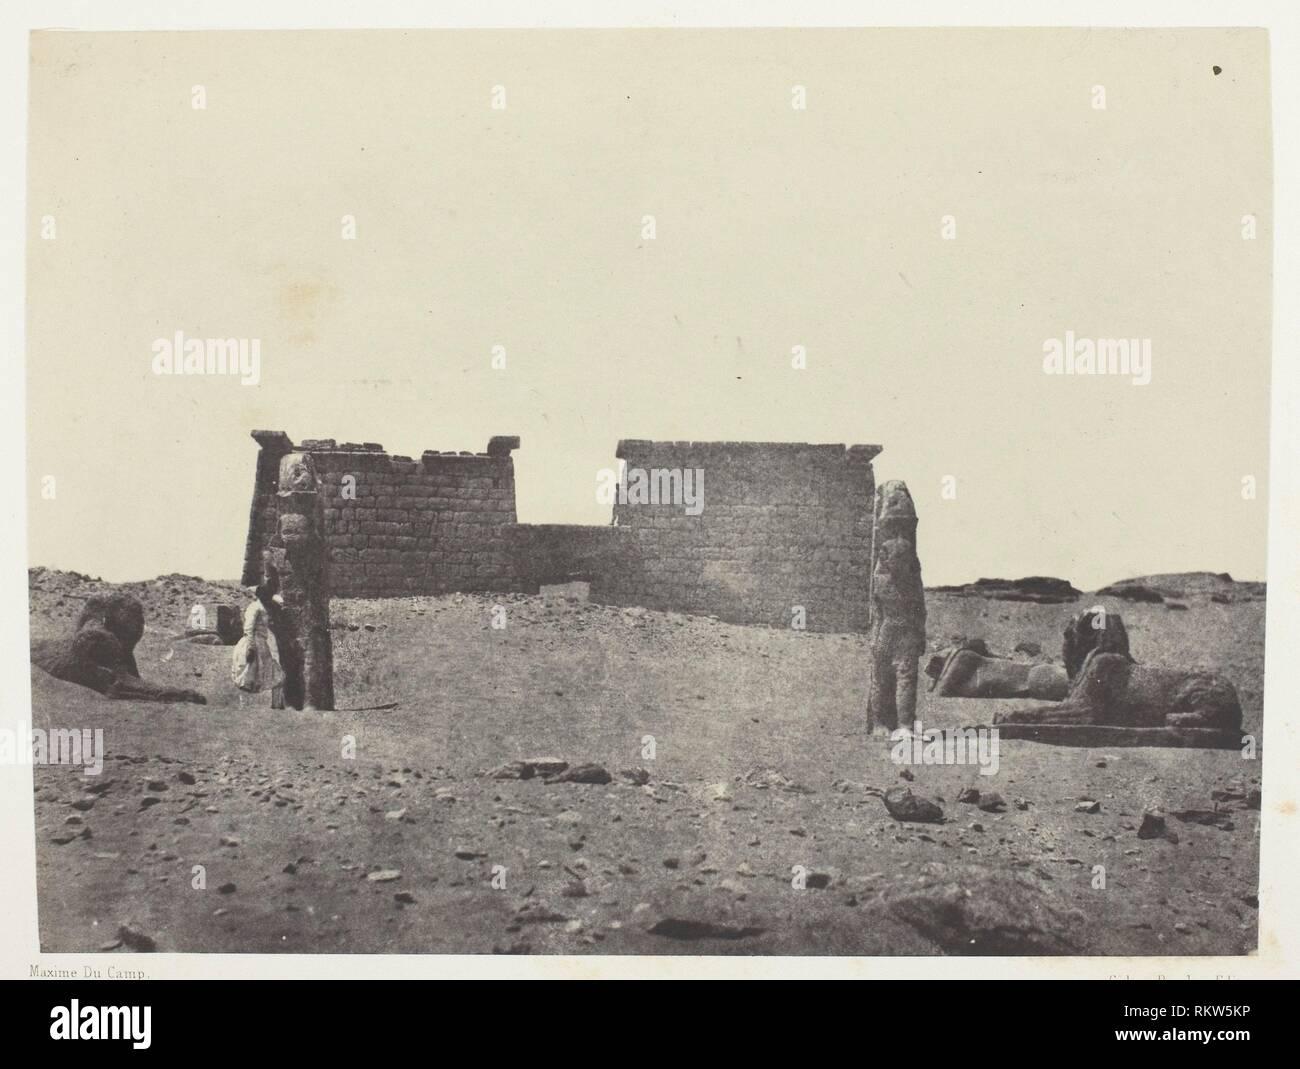 Hémi-Spéos De Séboua, Drômos; Nubie - 1849/51, printed 1852 - Maxime Du Camp French, 1822–1894 - Artist: Maxime Du Camp, Origin: France, Date: - Stock Image